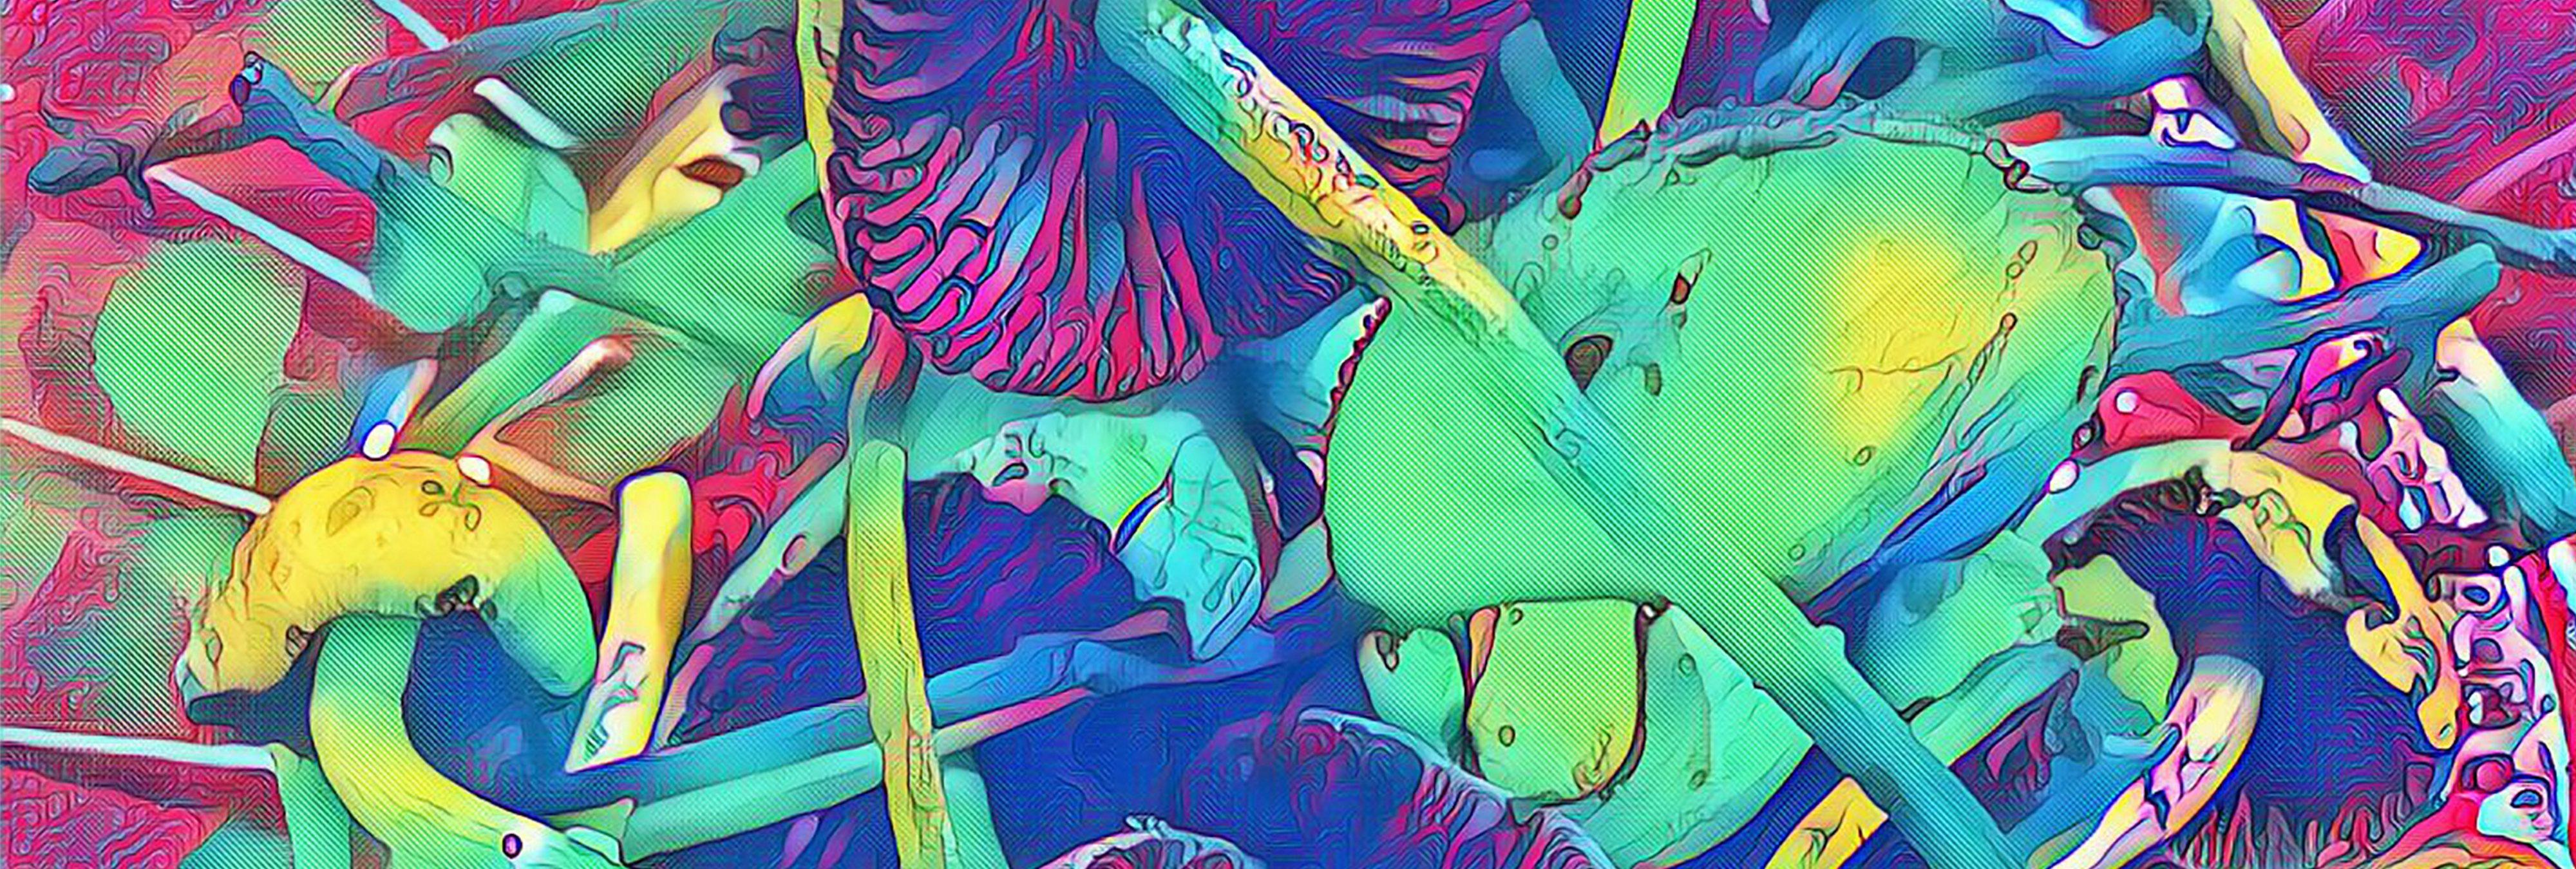 Es hora de legalizar las setas alucinógenas para uso medicinal, según la ciencia